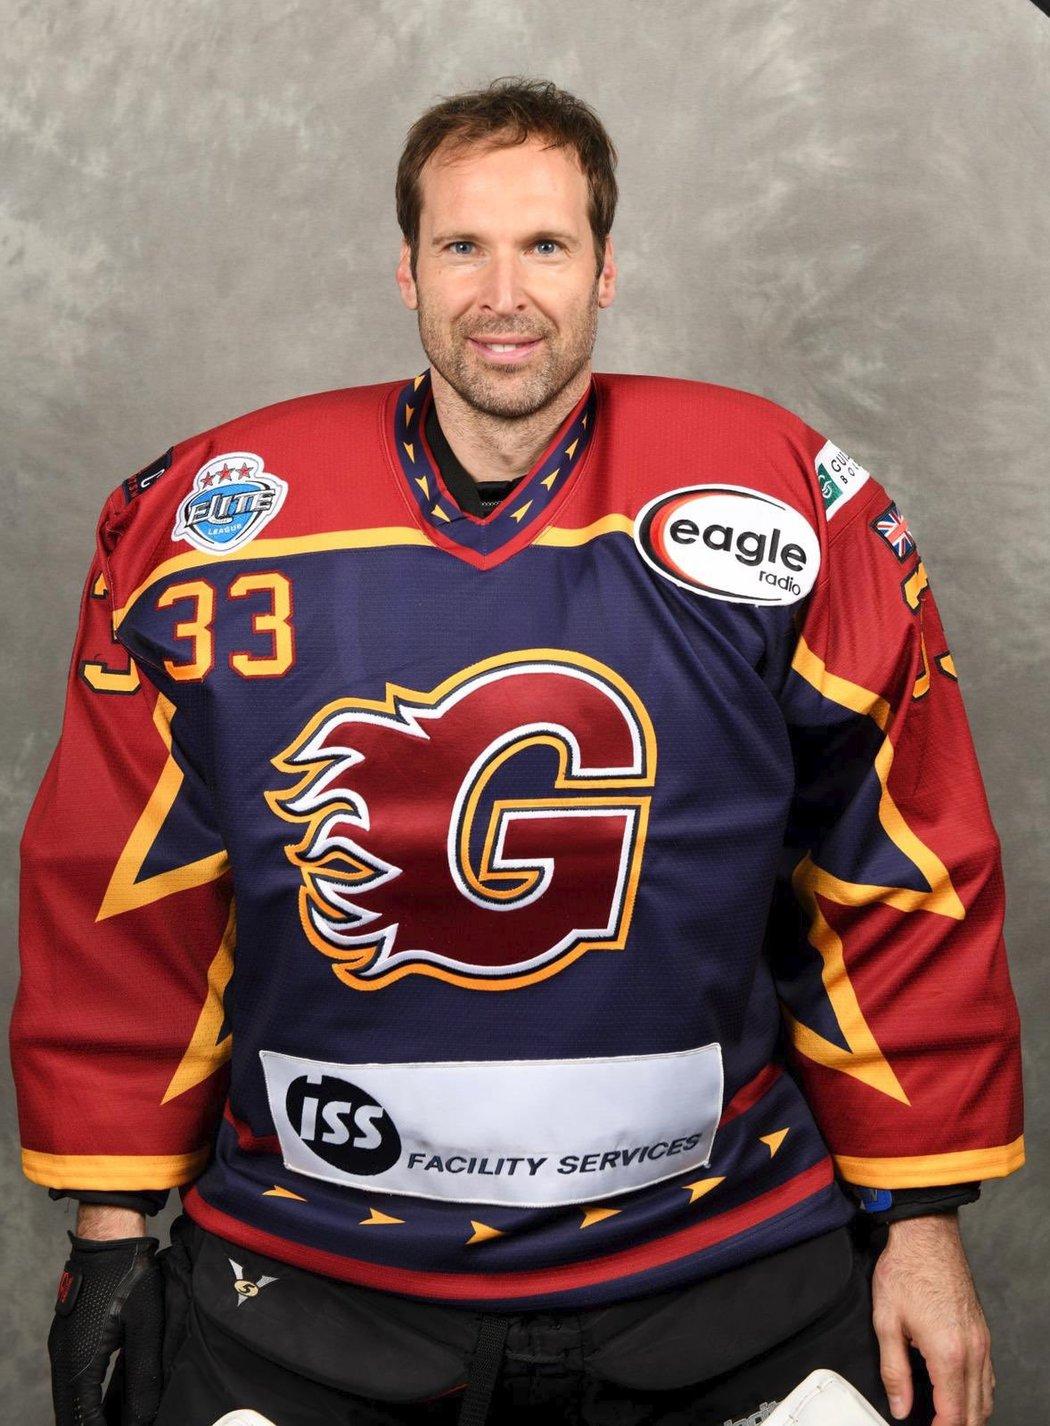 Petr Čech se dokonce vyfotil i v zápasovém dresu Guildford Flames, hrající nejvyšší britskou hokejovou soutěž